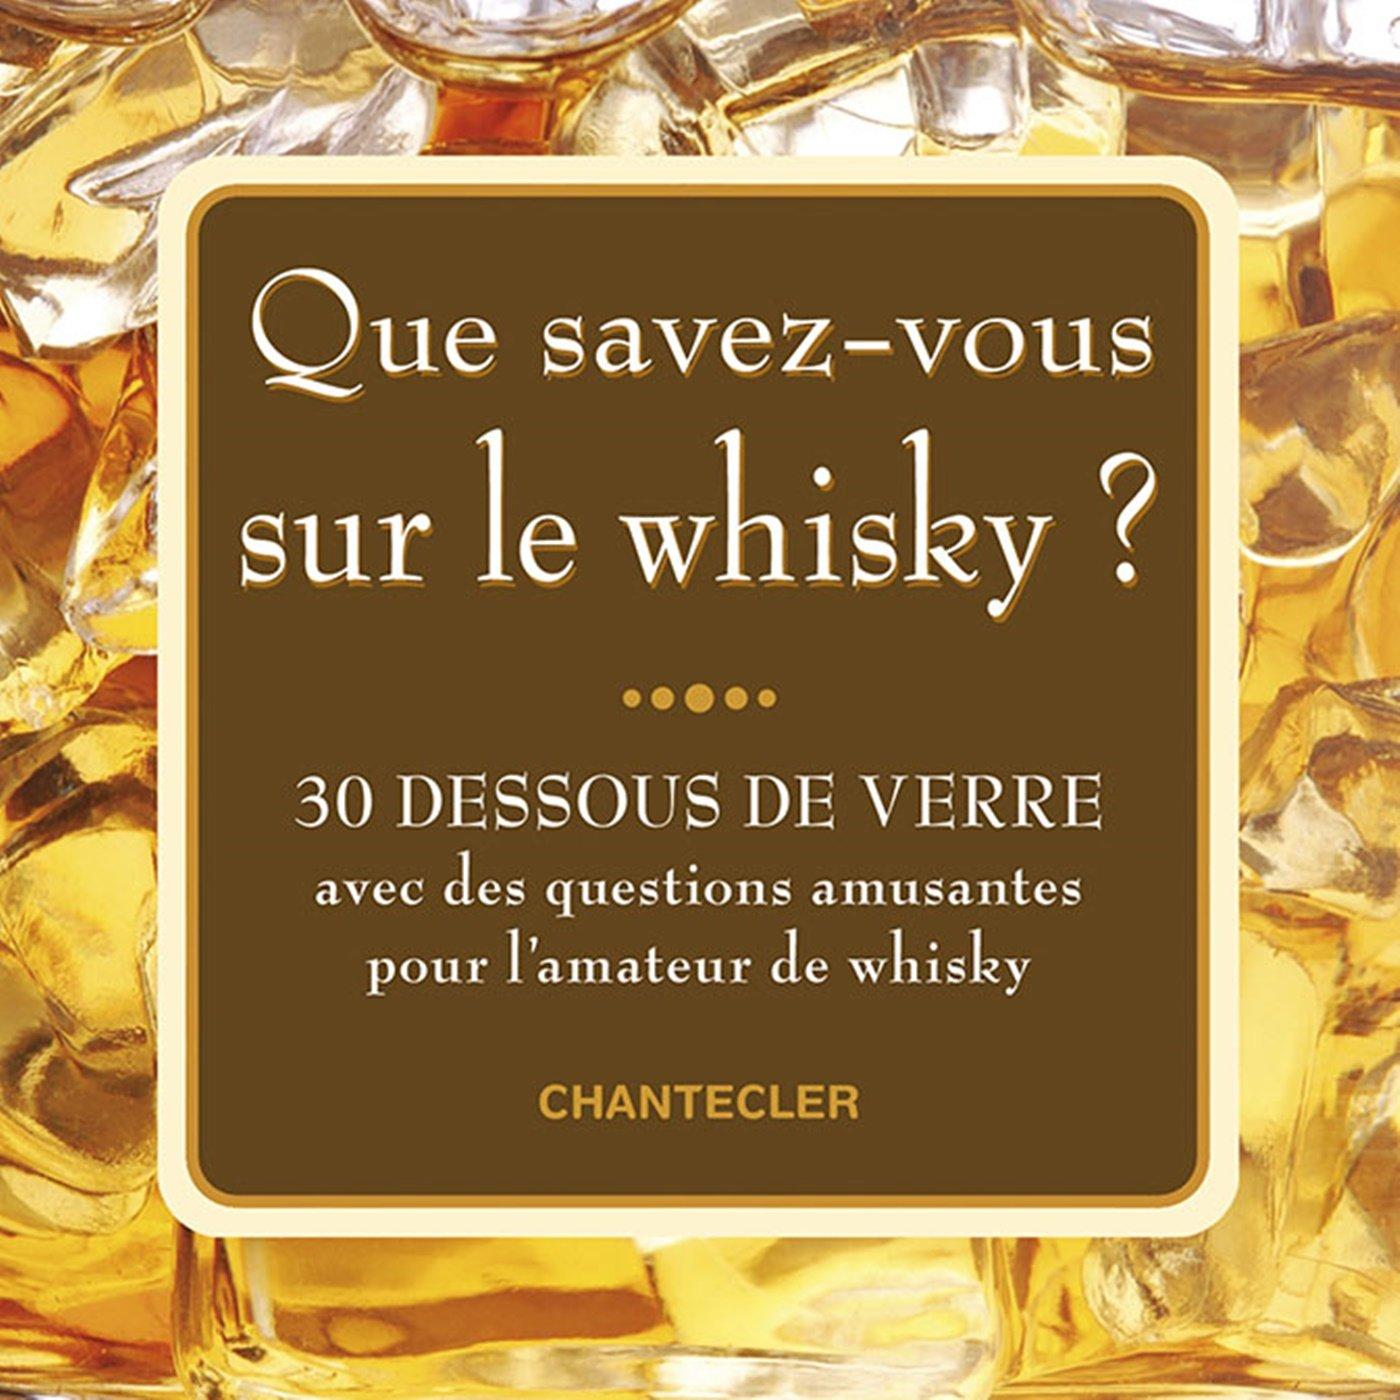 Que savez-vous sur le whisky? (30 dessous de verre) Broché – 13 octobre 2016 Znu Chantecler 2803457490 Loisirs